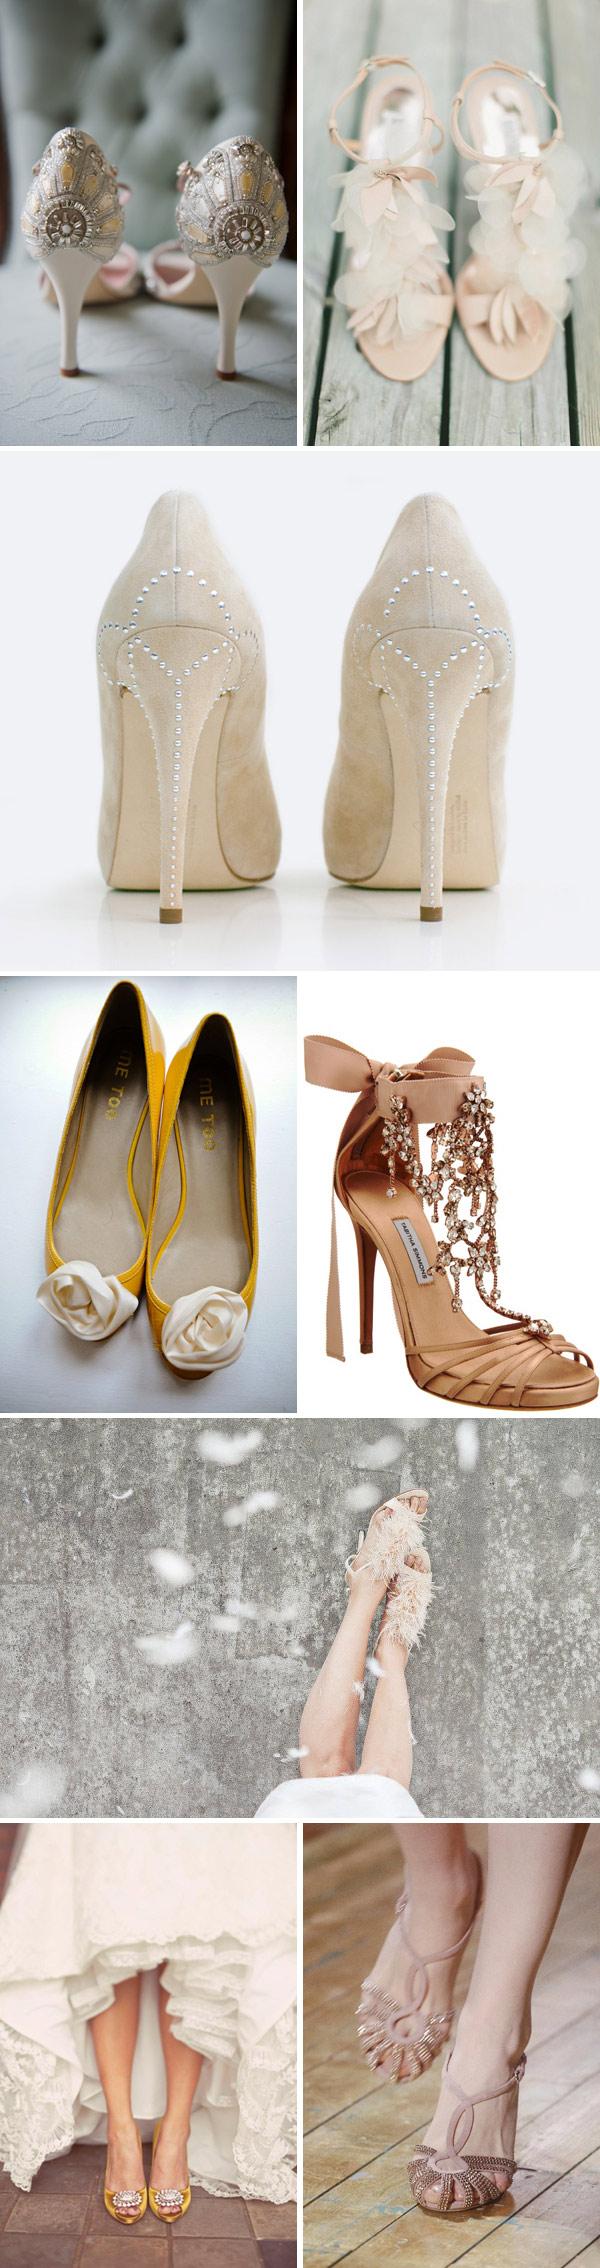 Ebay Bargains | All Star Converse & Killer Heels Paperblog